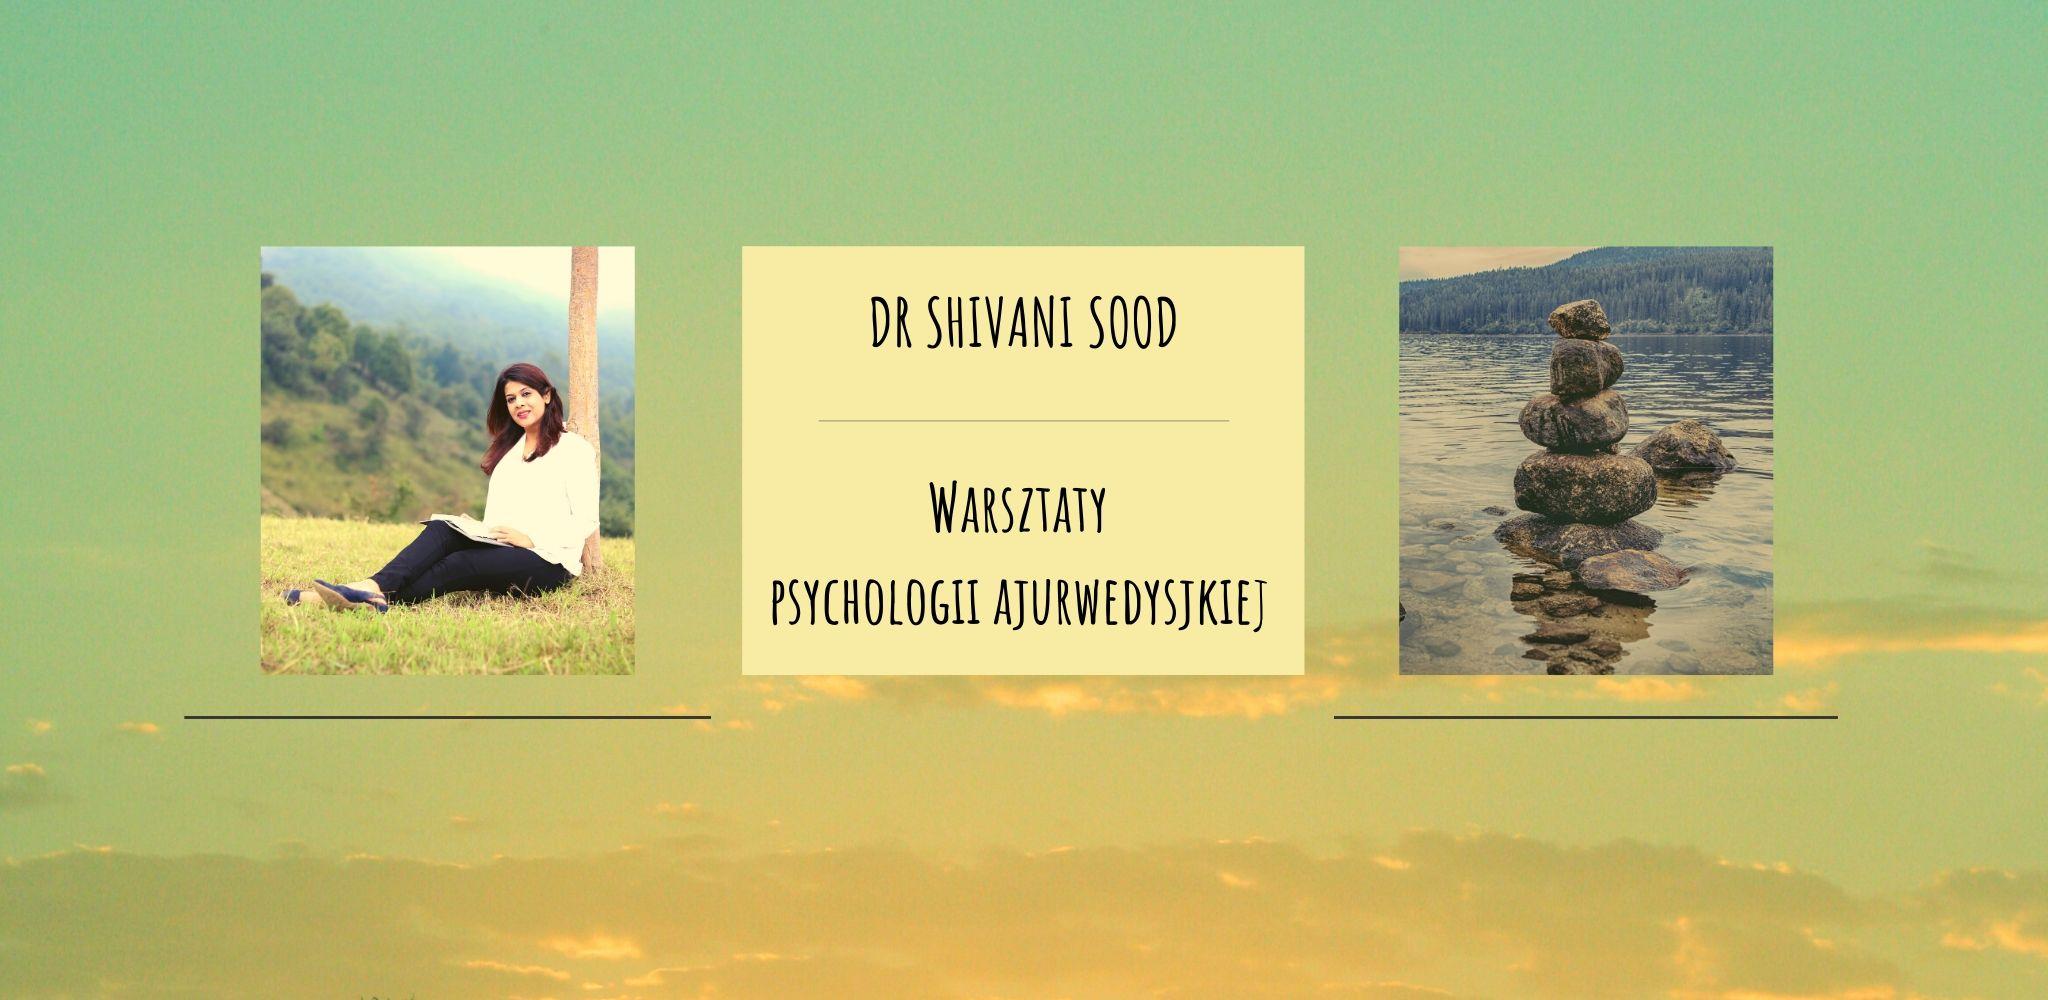 Warsztaty psychologii ajurwedyjskiej